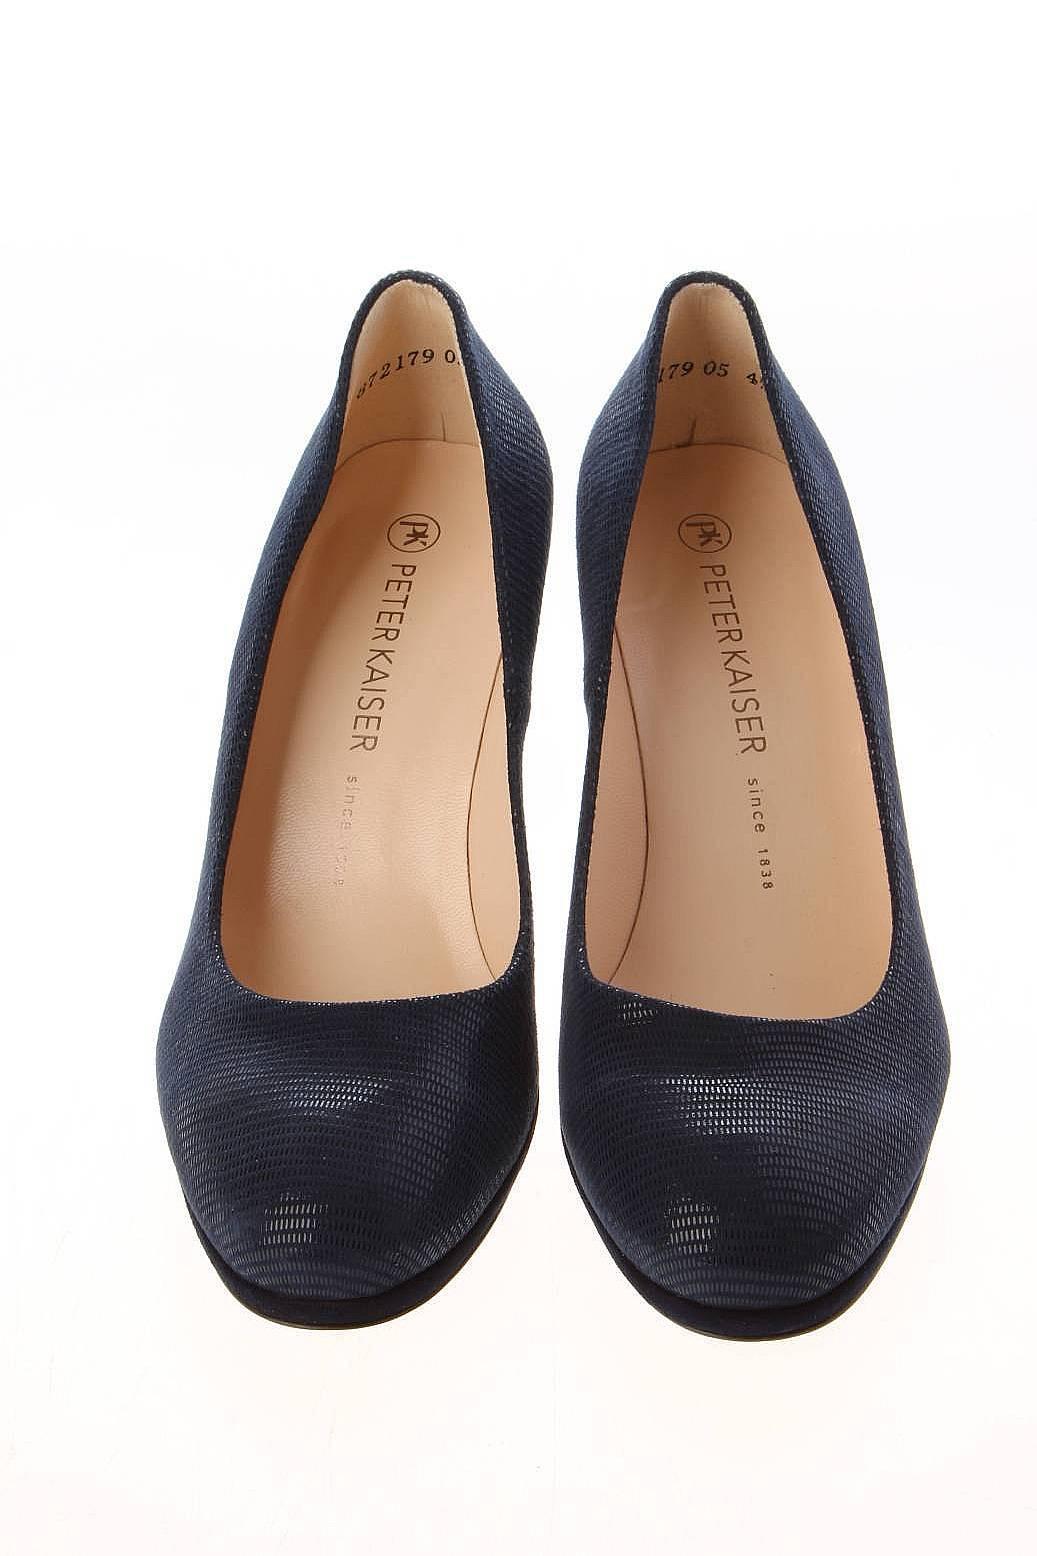 Мужская Обувь Детская Обувь Женская Обувь Туфли: Peter Kaiser Обувь